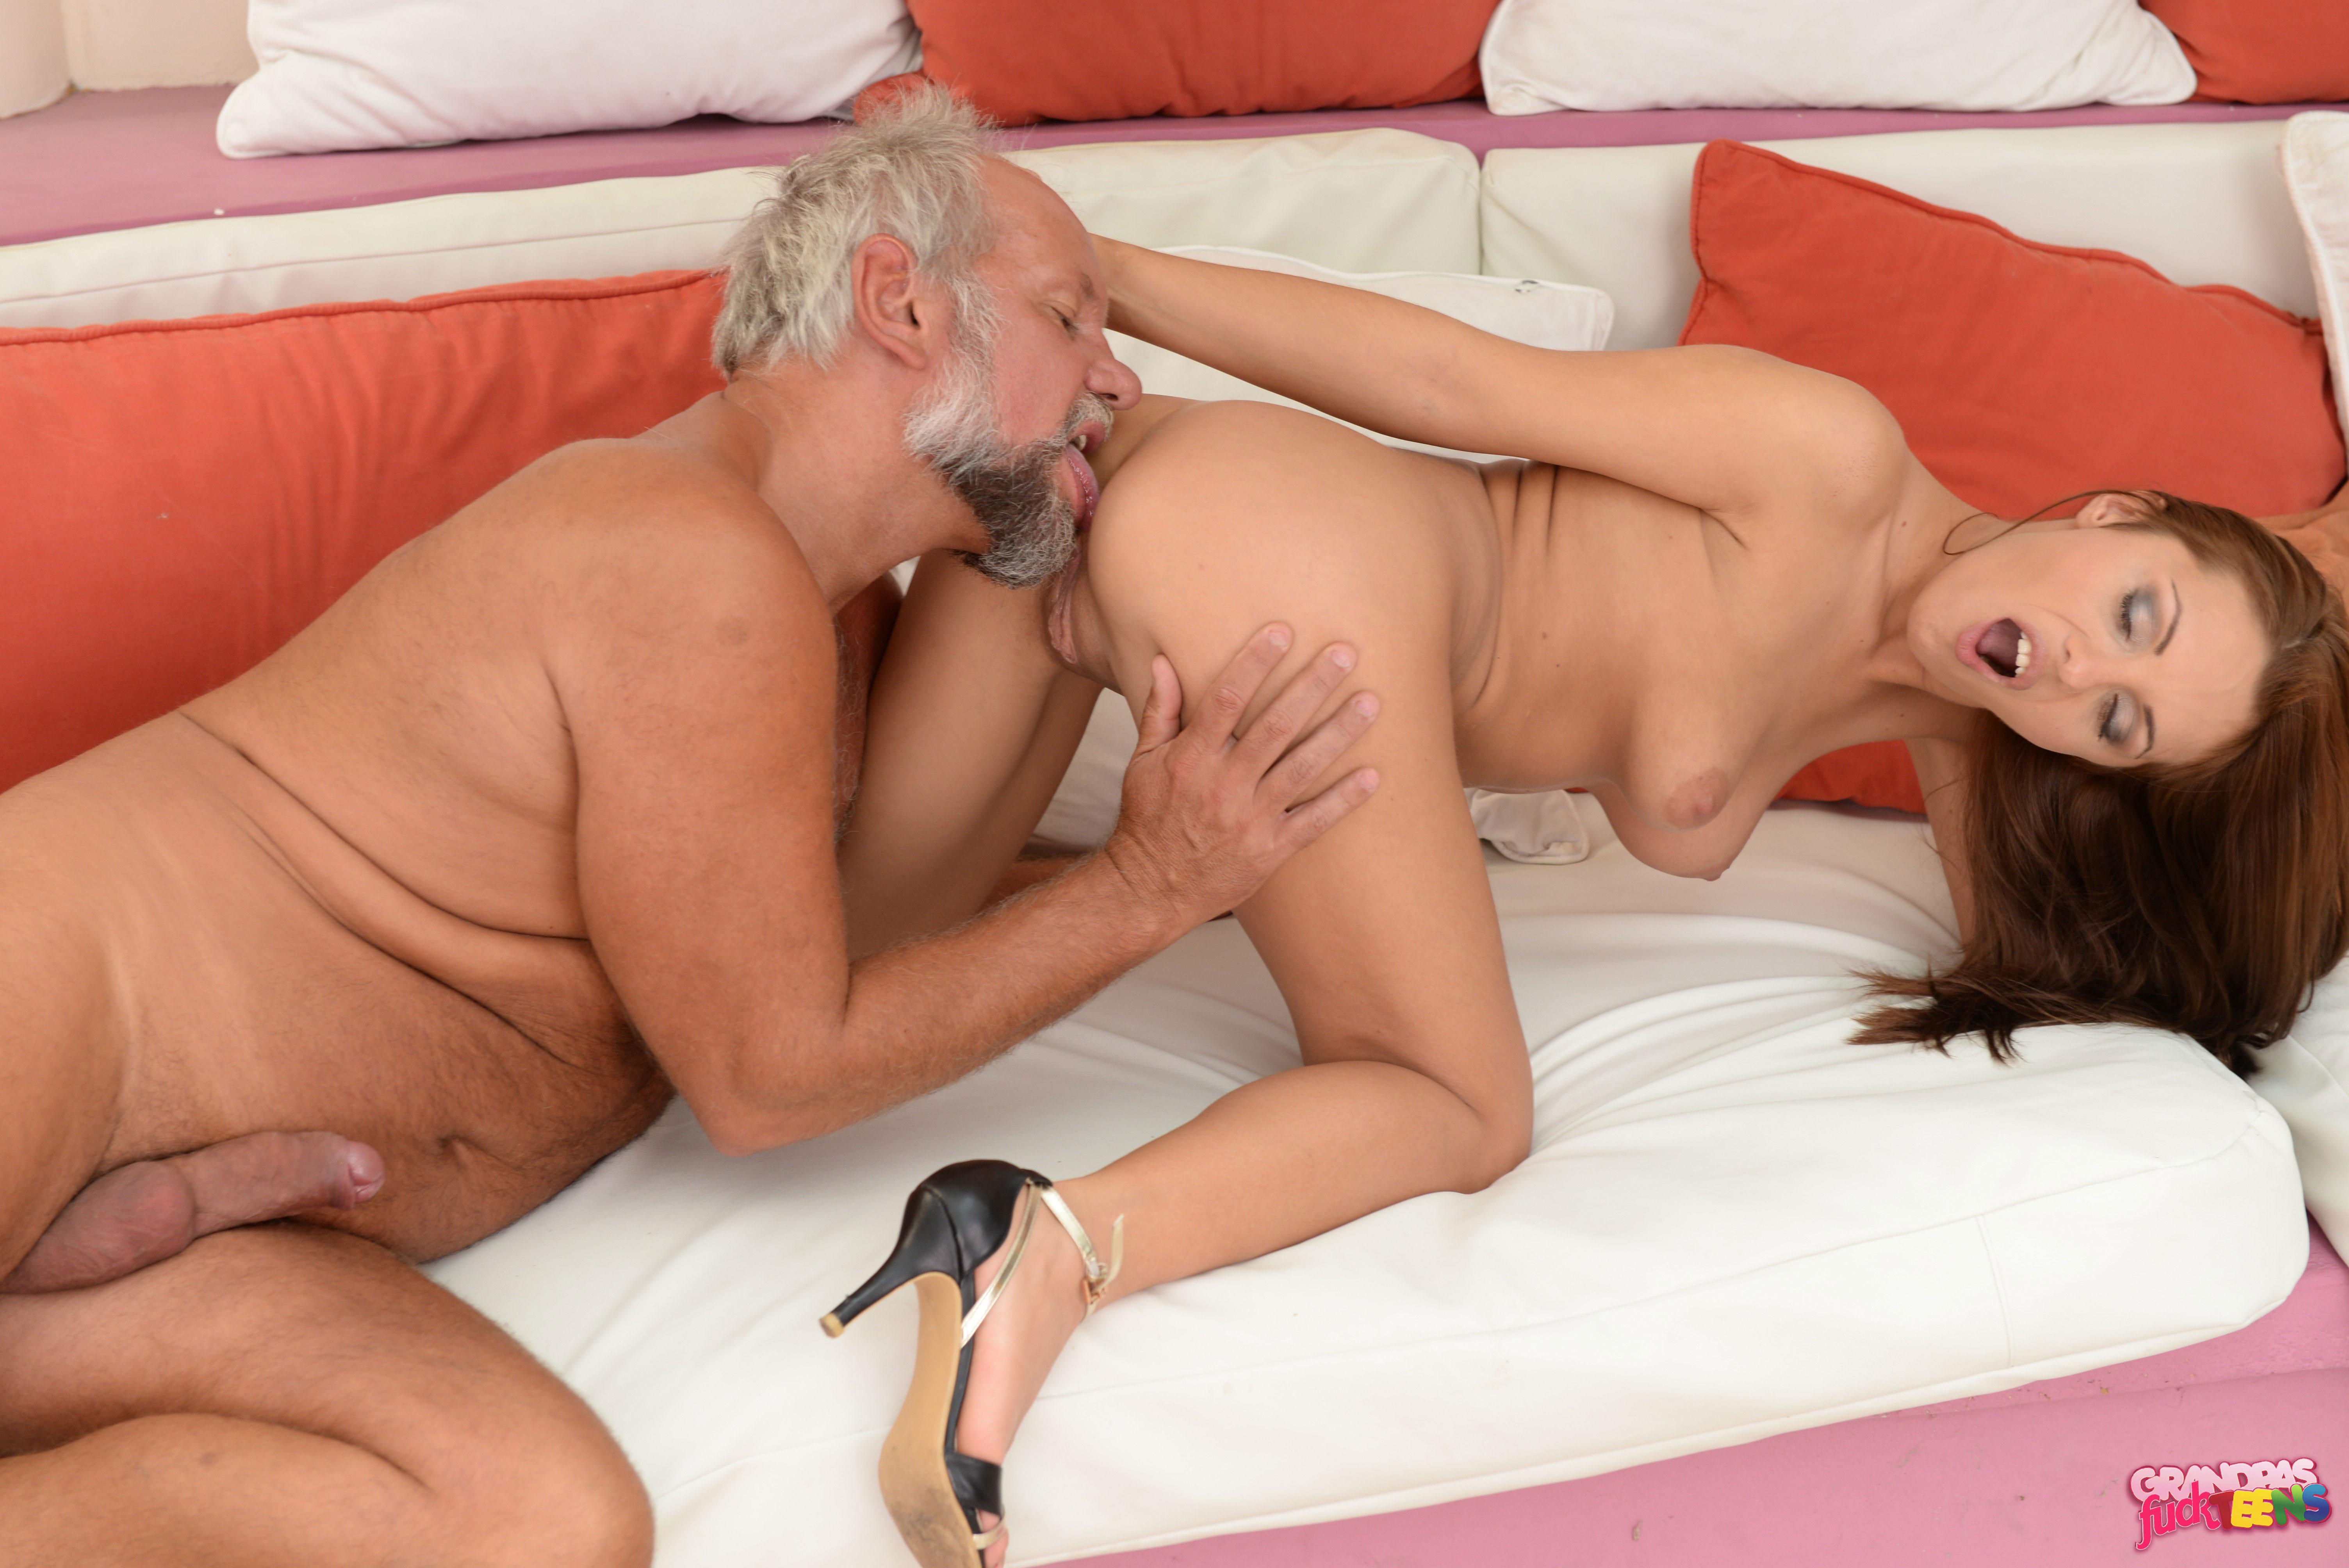 Grandpa gets fucked by sexy nurse 1